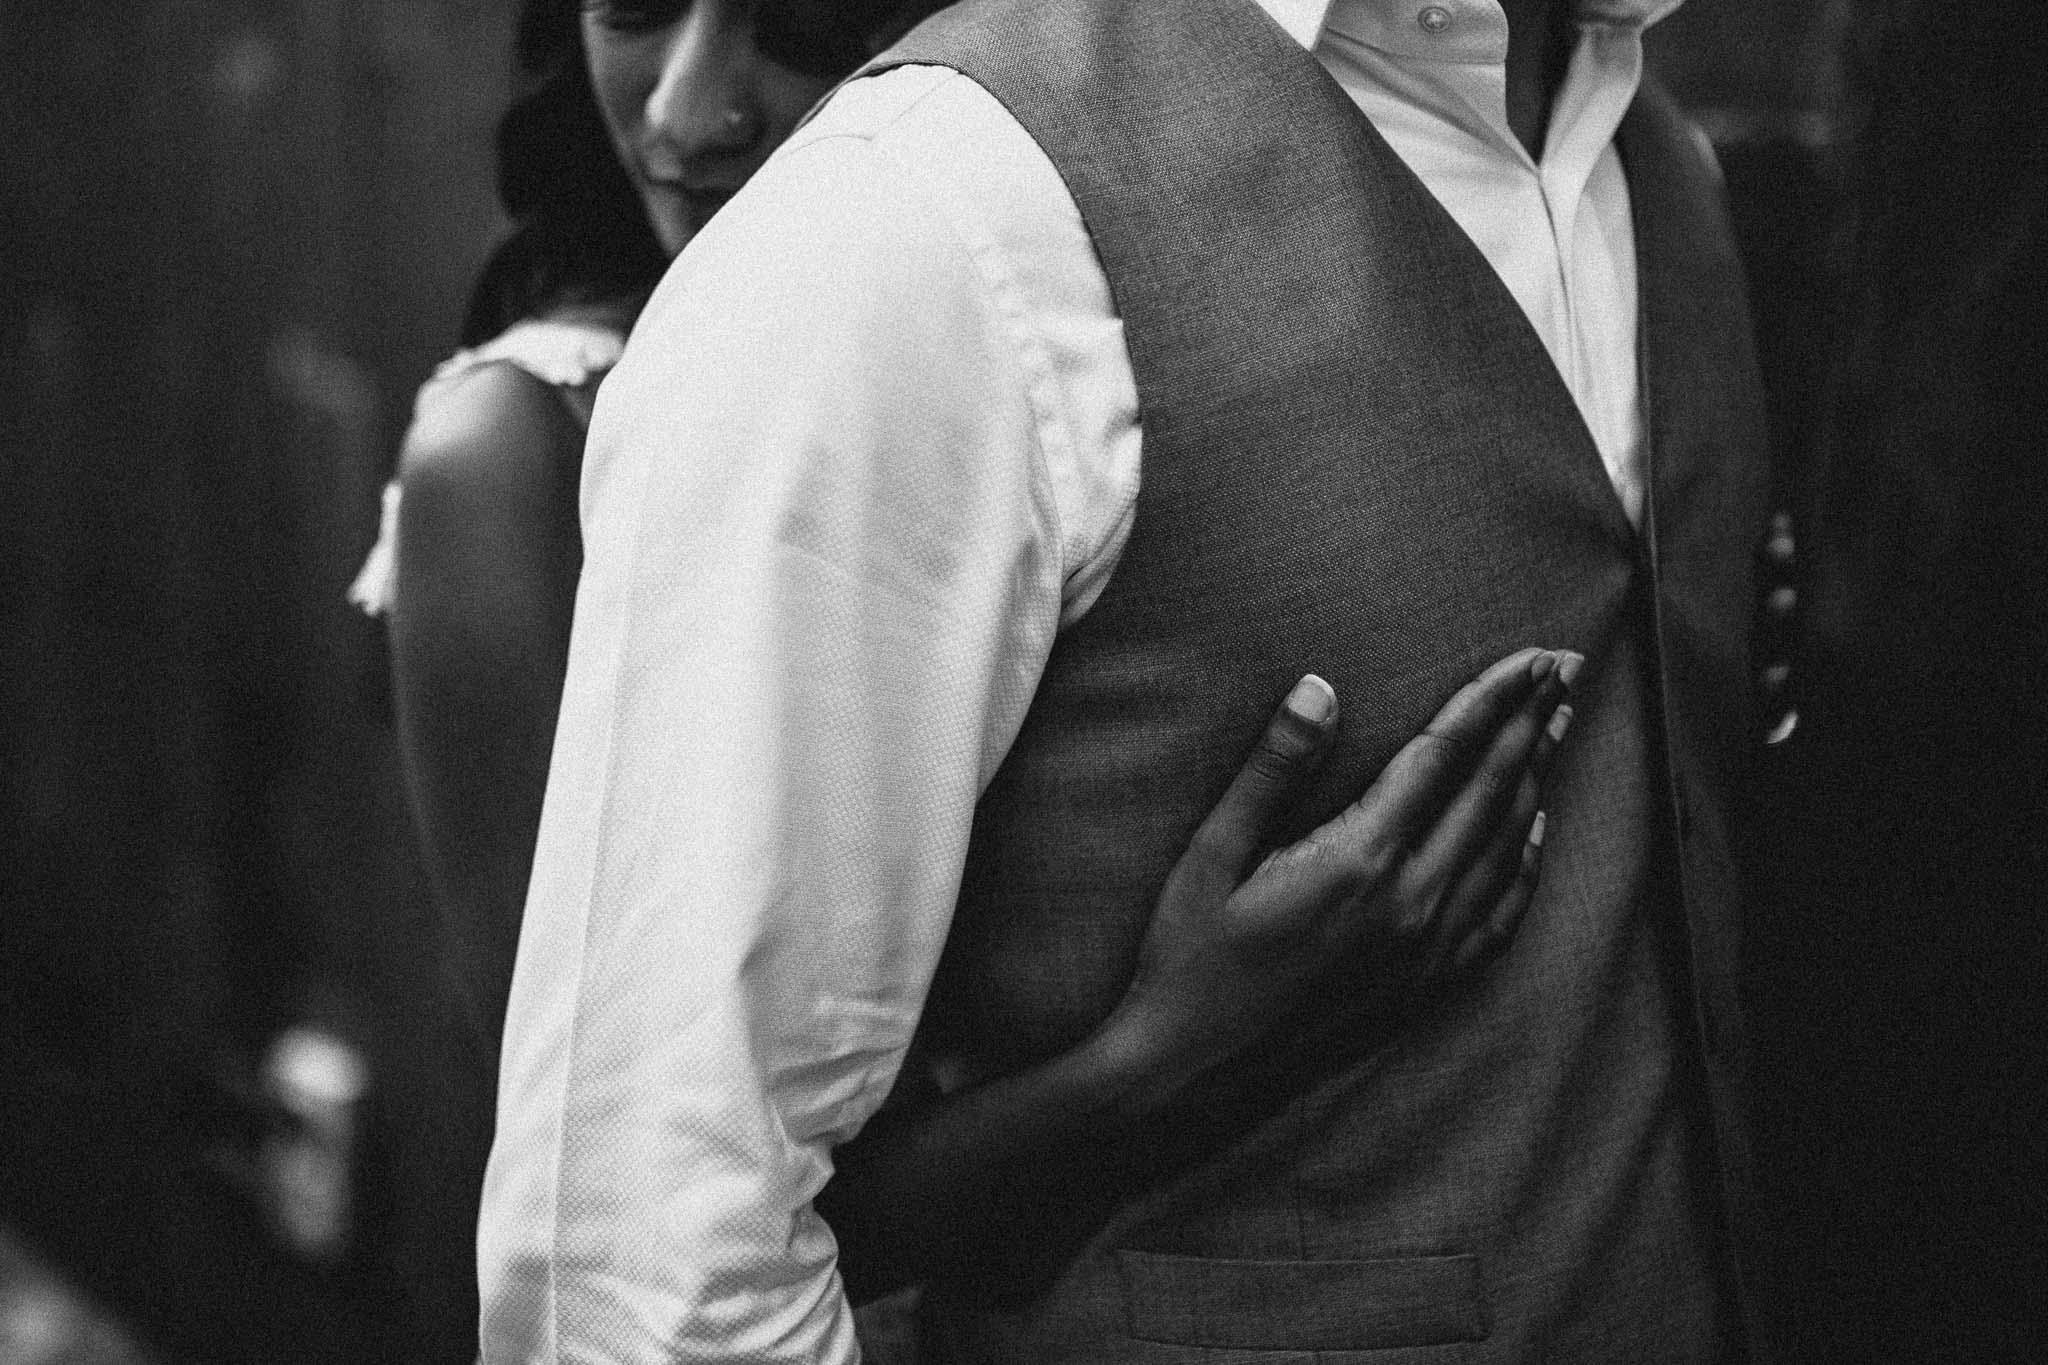 u&m-weddingsbyqay-lovesession-destinationweddingphotographer (117 of 160).jpg